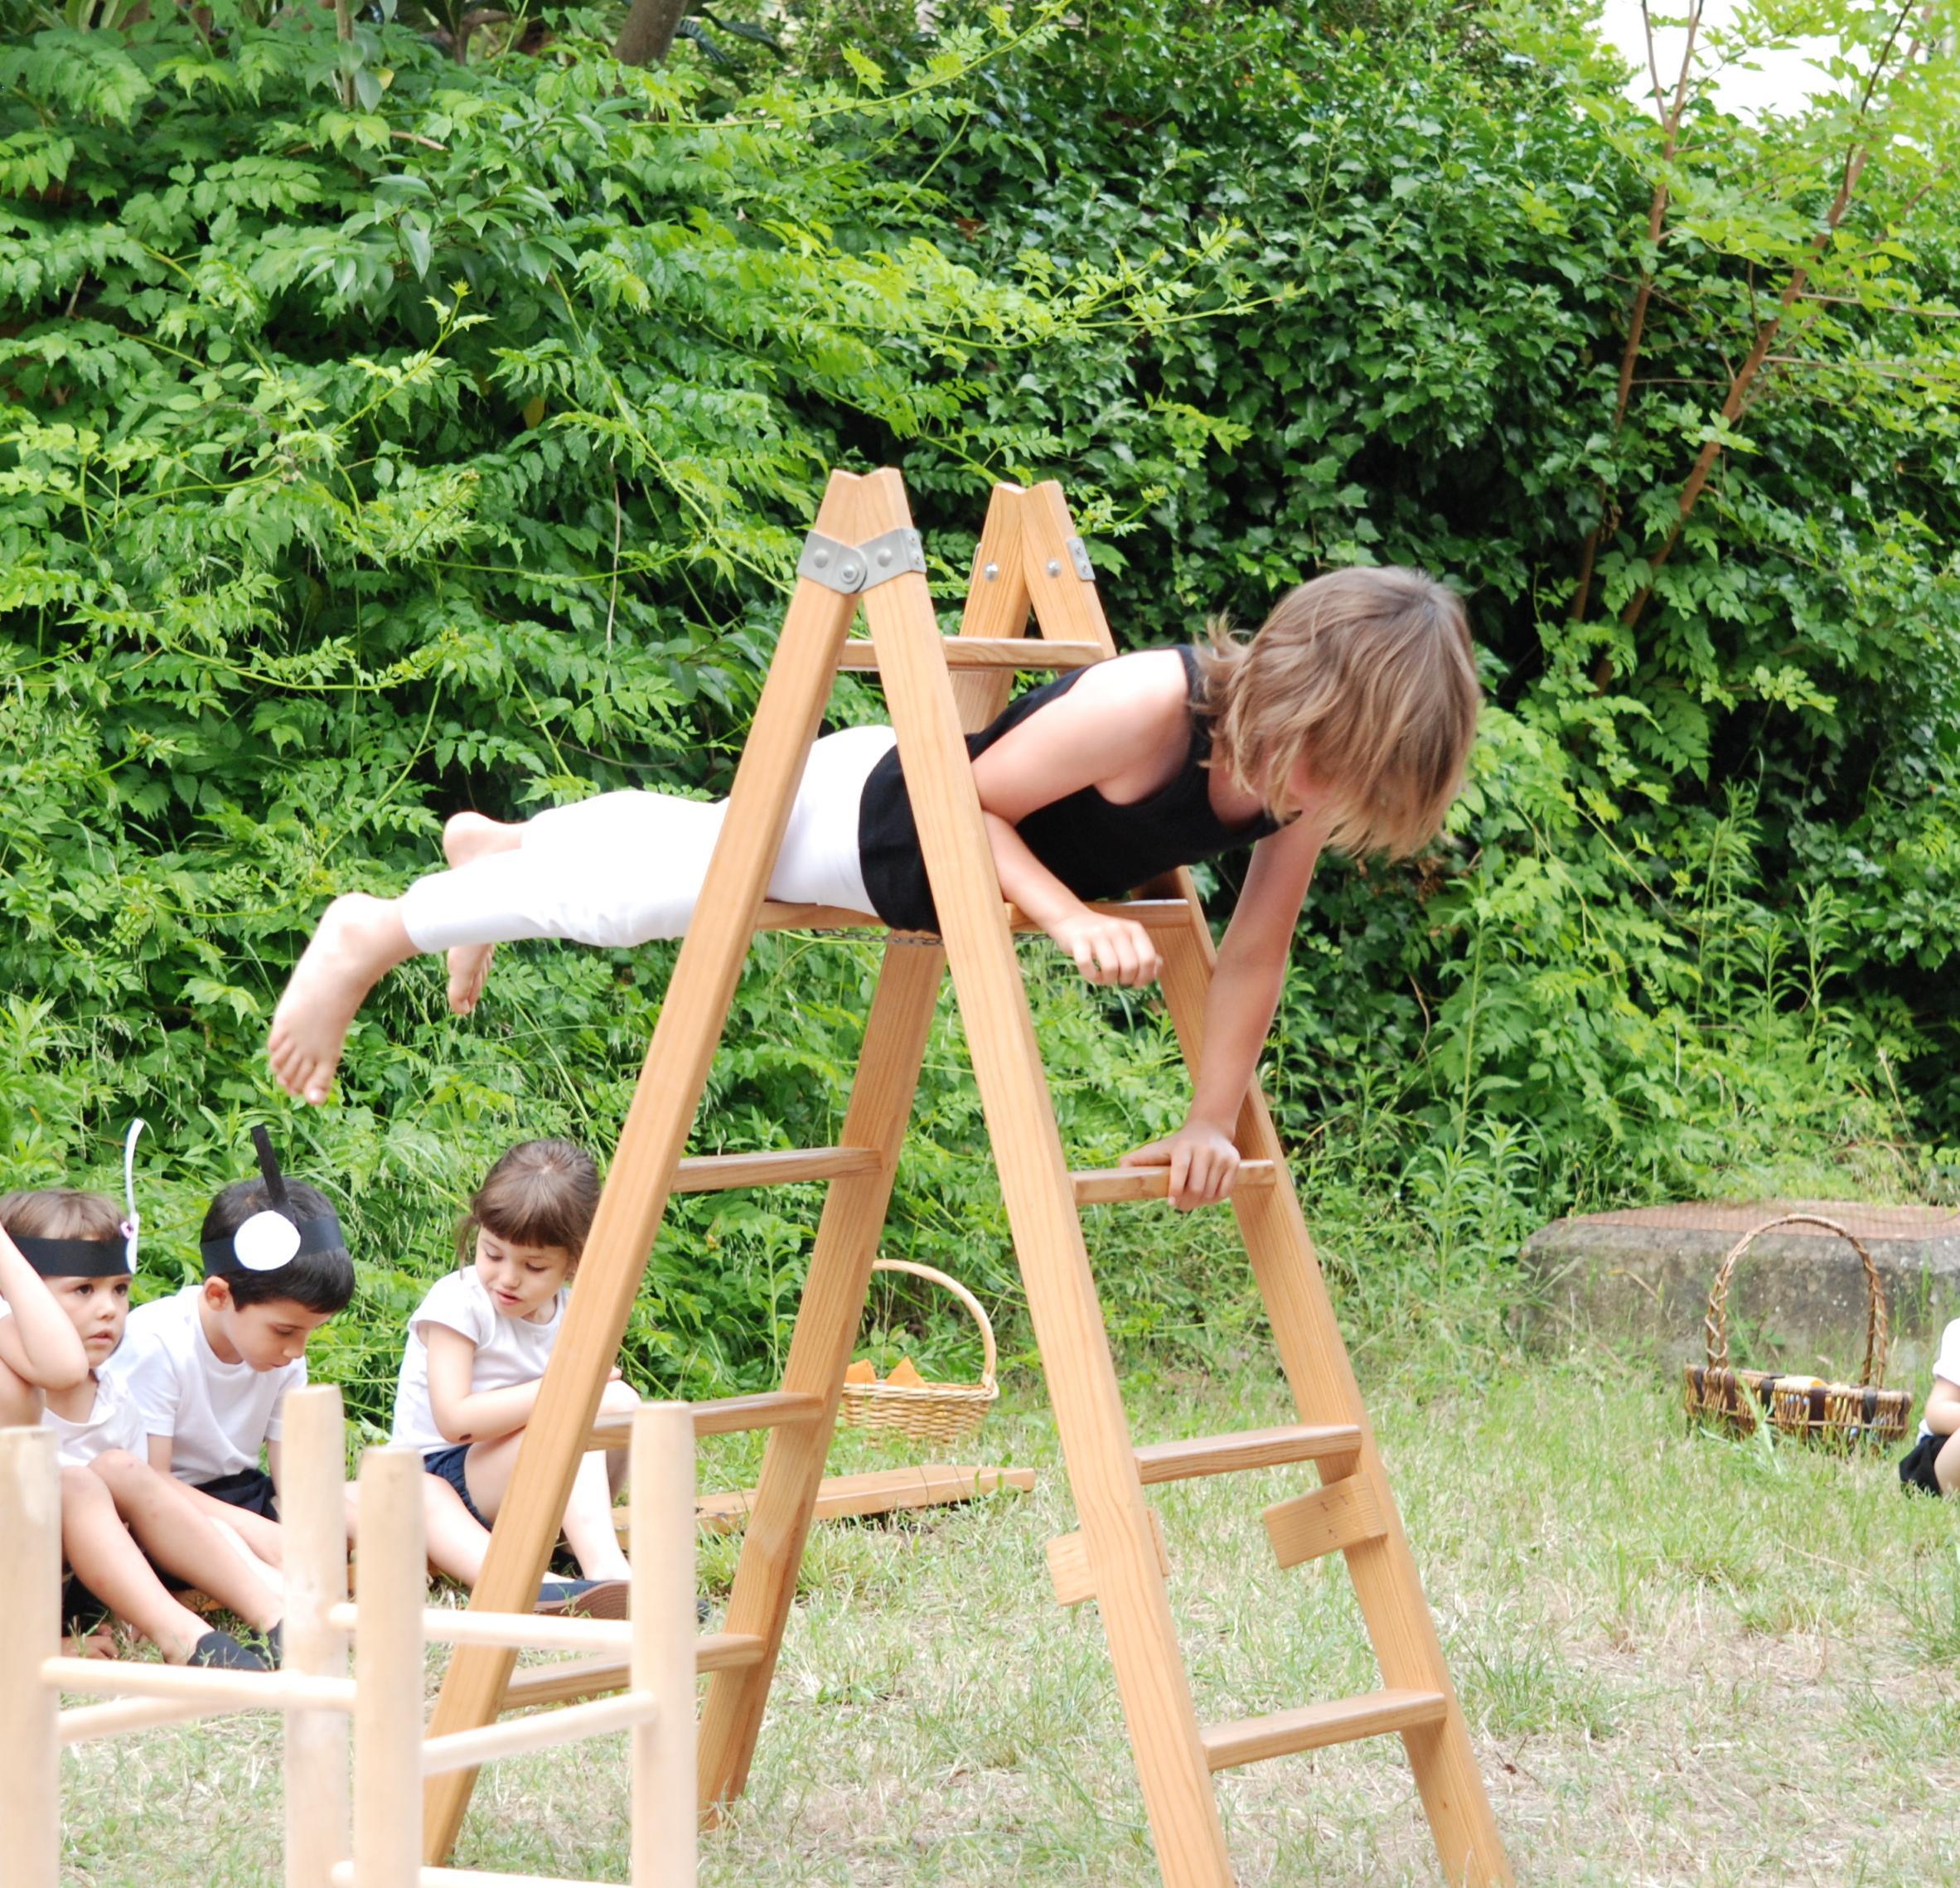 Festival fi de curs 2011 \u0022Les notes busquen companyia\u0022